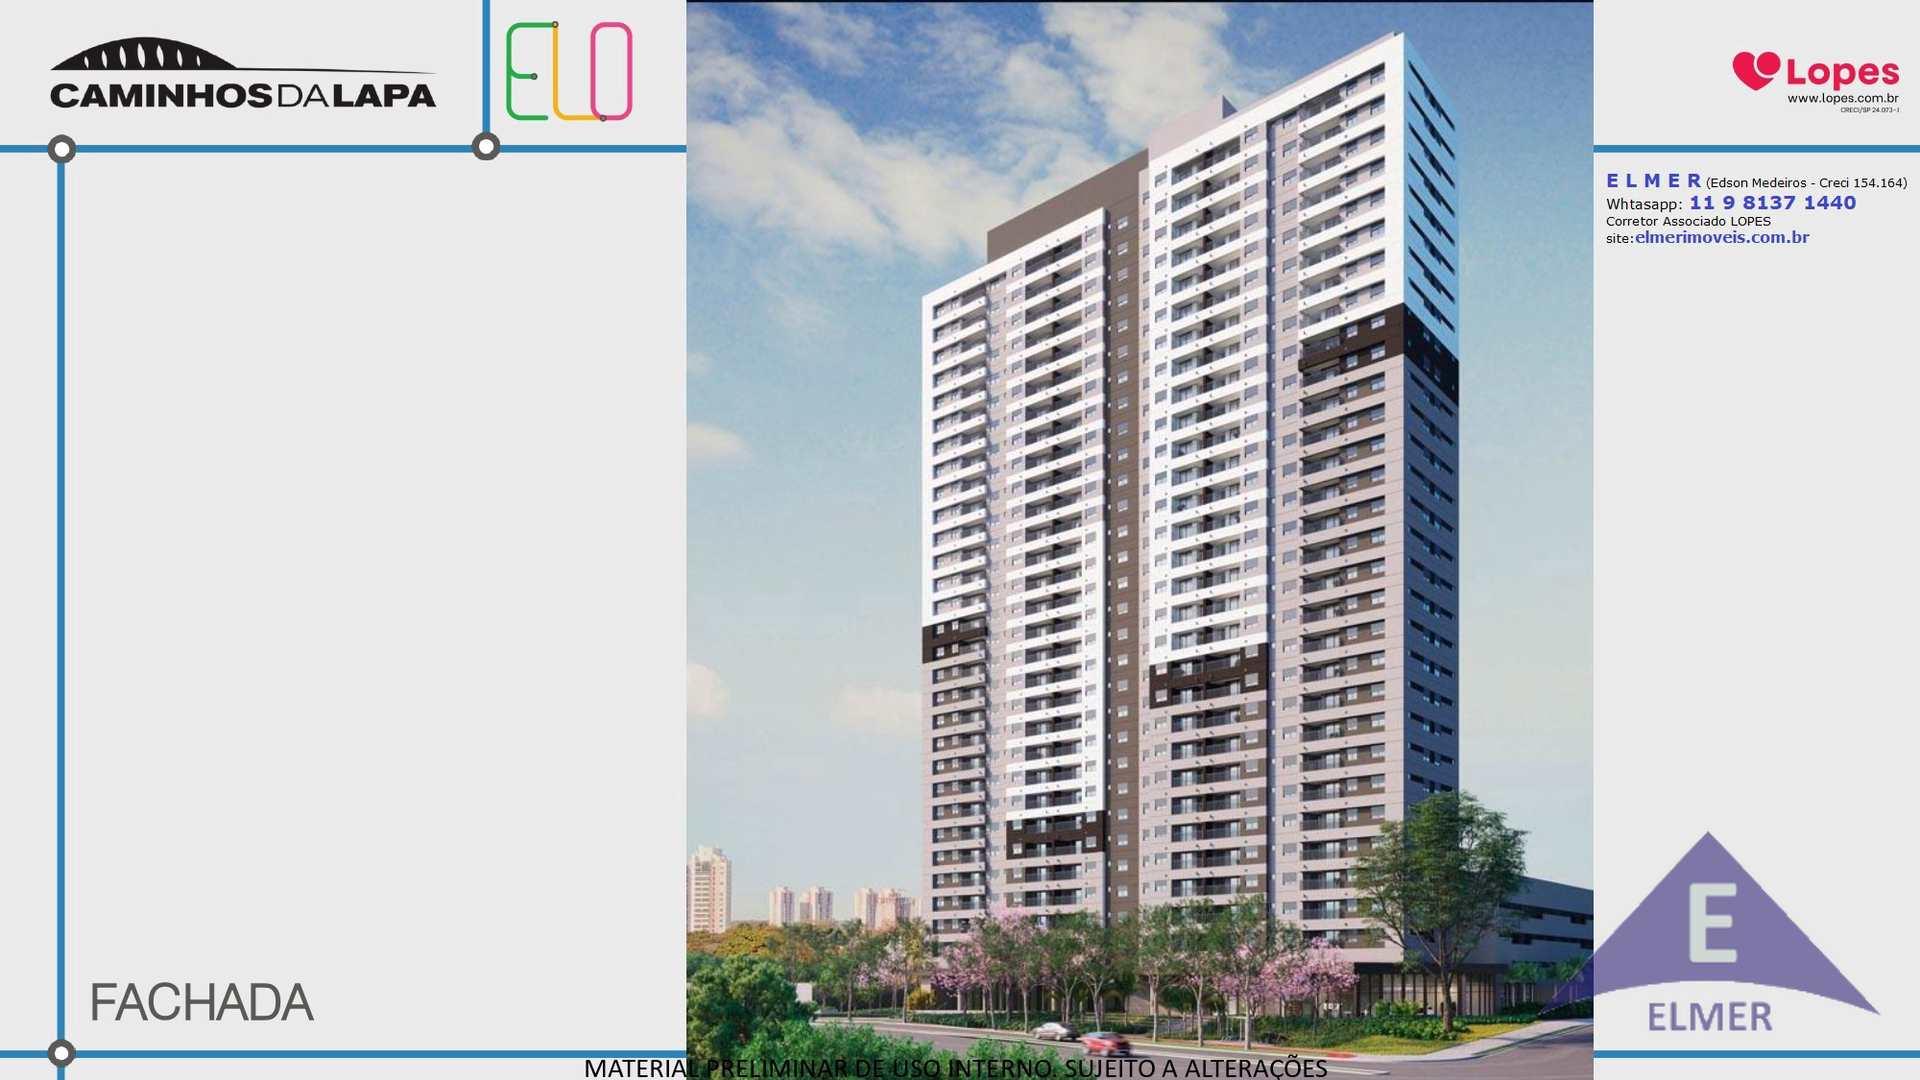 ELO CAMINHOS DA LAPA - APTOS DE 47 m² - 55 m² e 67 m² - 1 a 3 dormitórios com suíte - 1 e 2 vagas - lazer entregue equipado e decorado - oportunidade